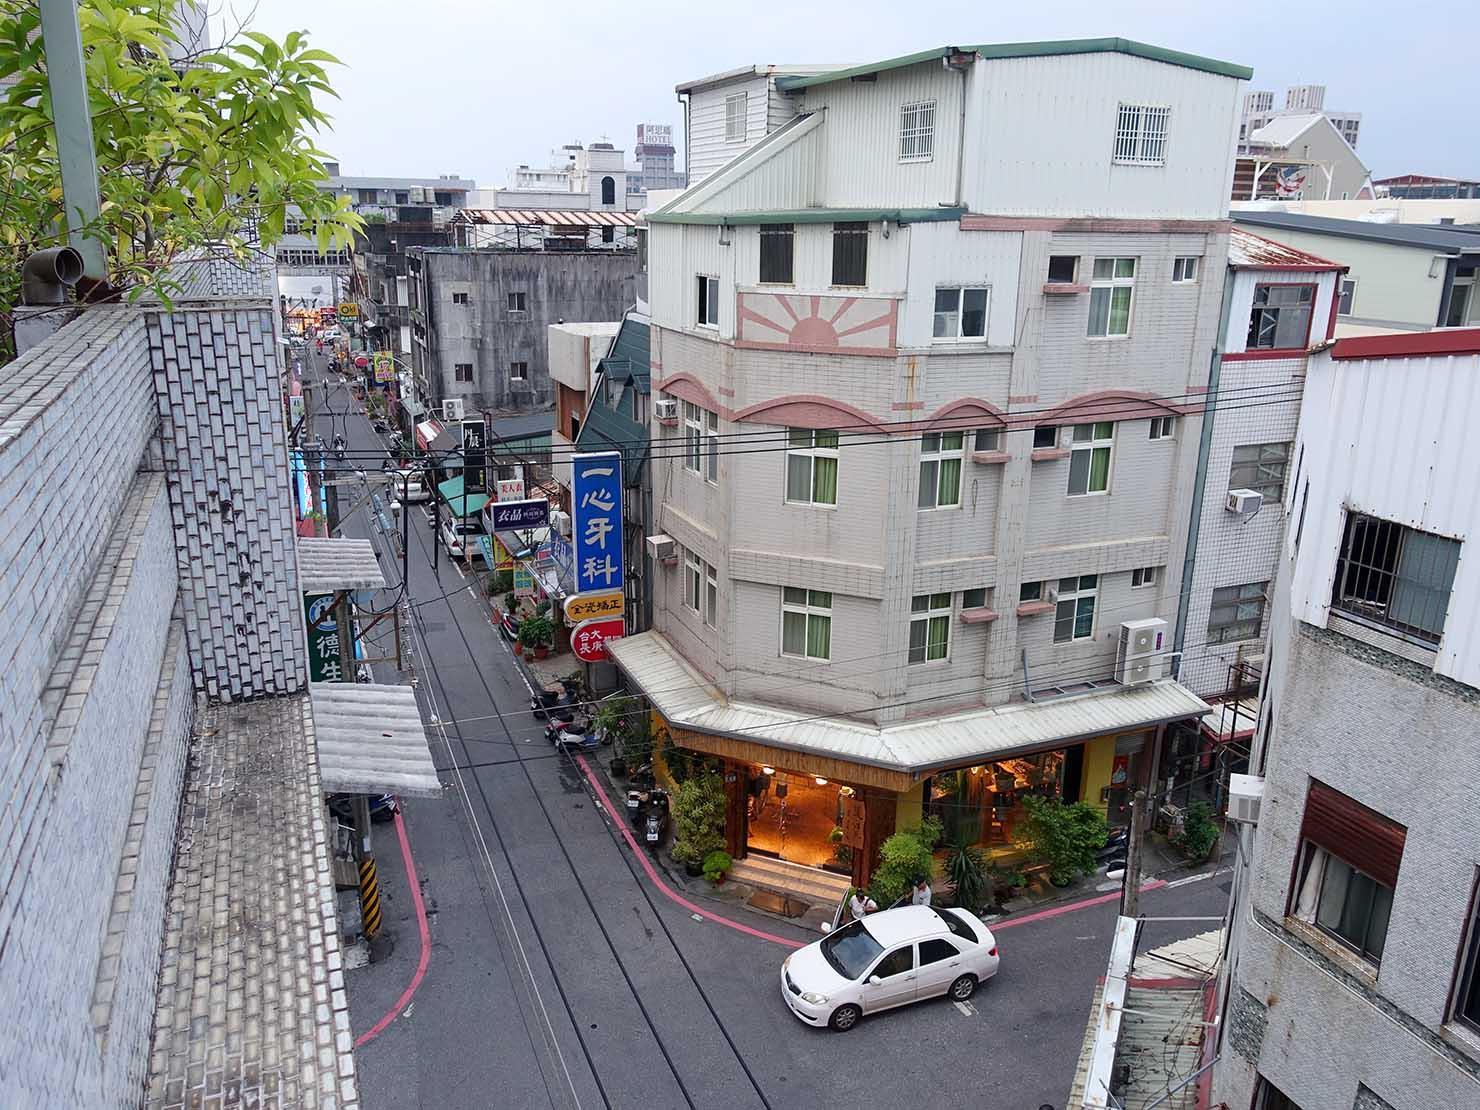 花蓮市街中心部のレトロかわいいおすすめゲストハウス「花蓮日日 Hualien dairy」5Fベランダからの景色